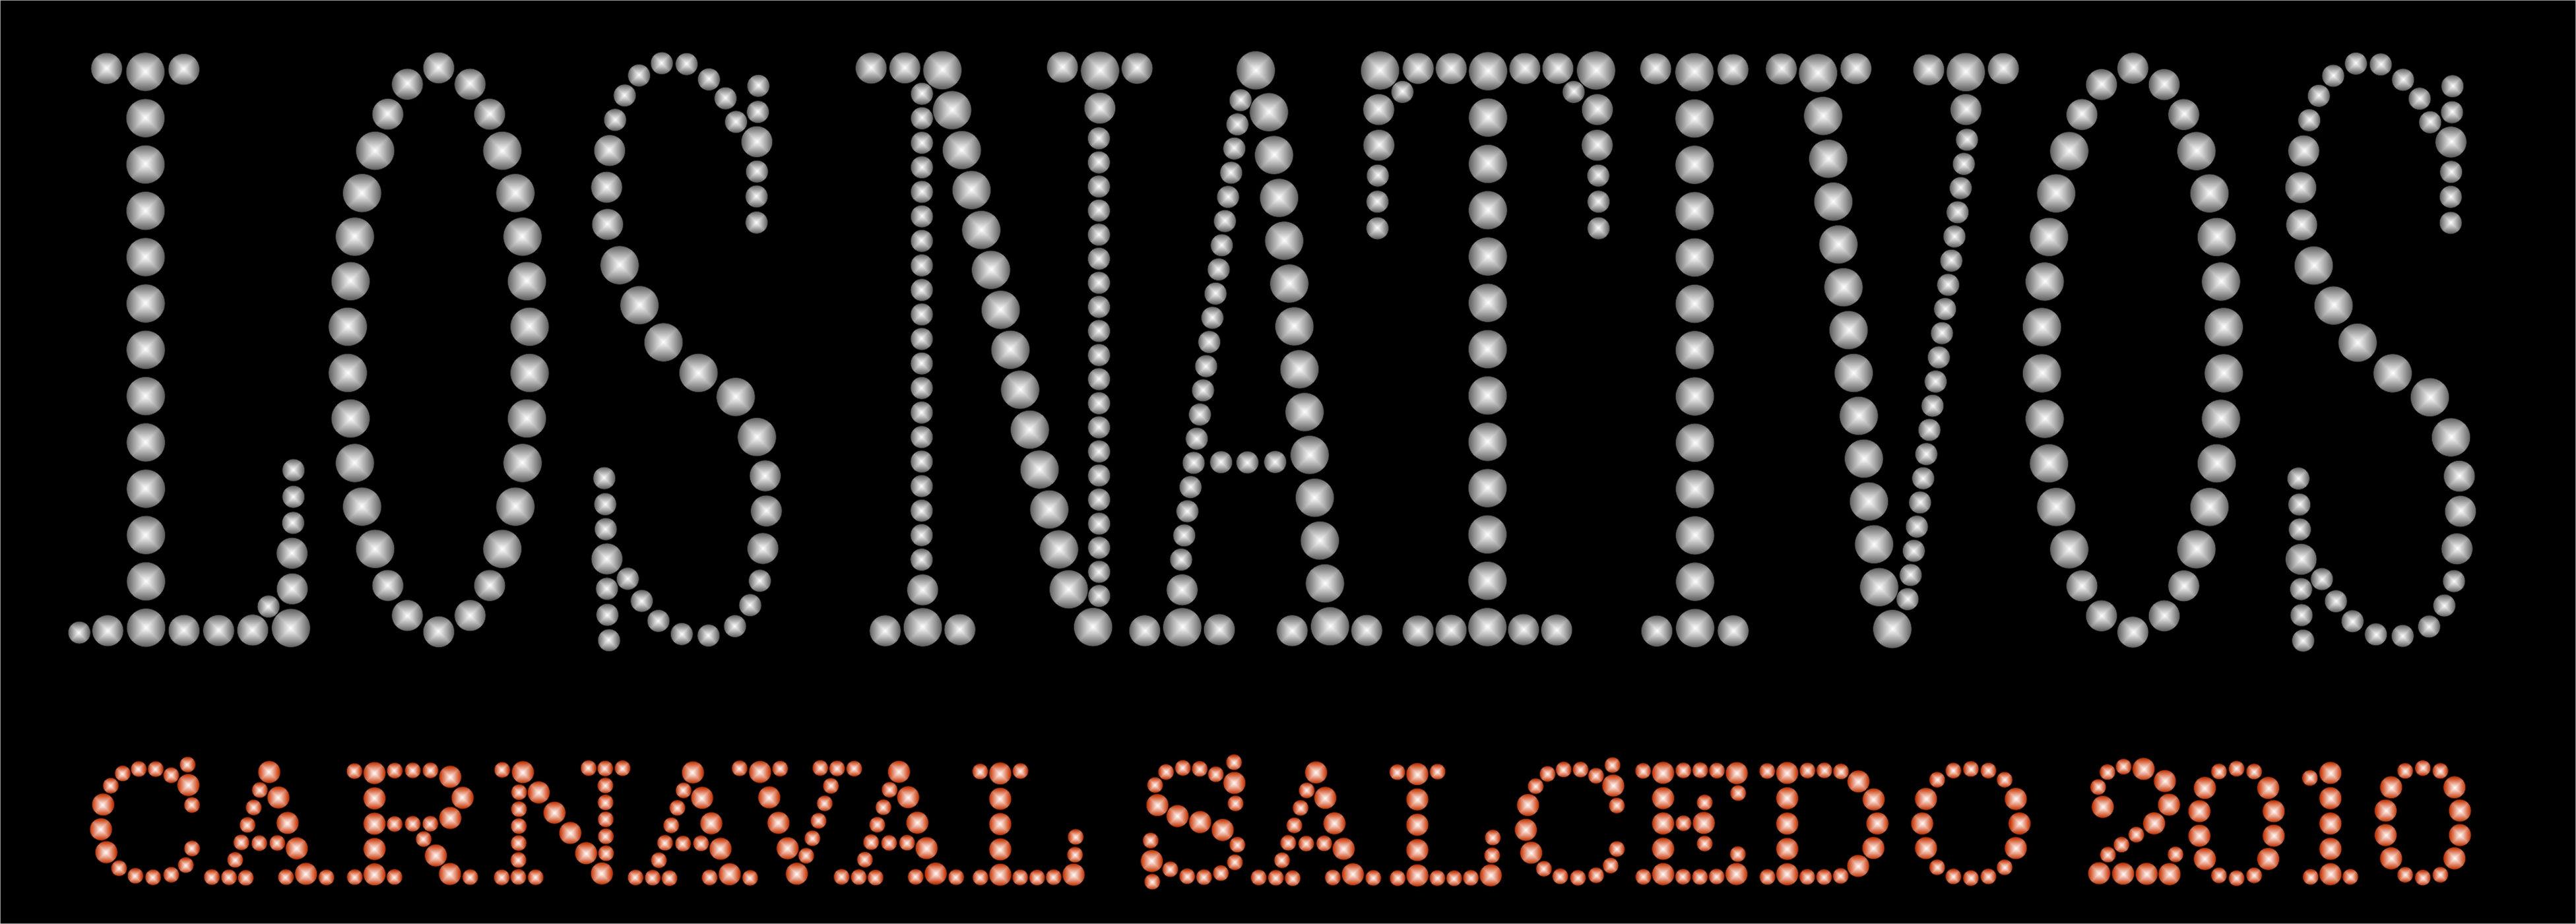 Libro De Visitas Rocker 3way Switch Tricky Hookup Youtube Los Nativos El Grupo Carnaval Les Quiere Dar Las Gracias A Todas Personas Que Nos Honrraron Con Su Presencia Y Estas Pagina Internet